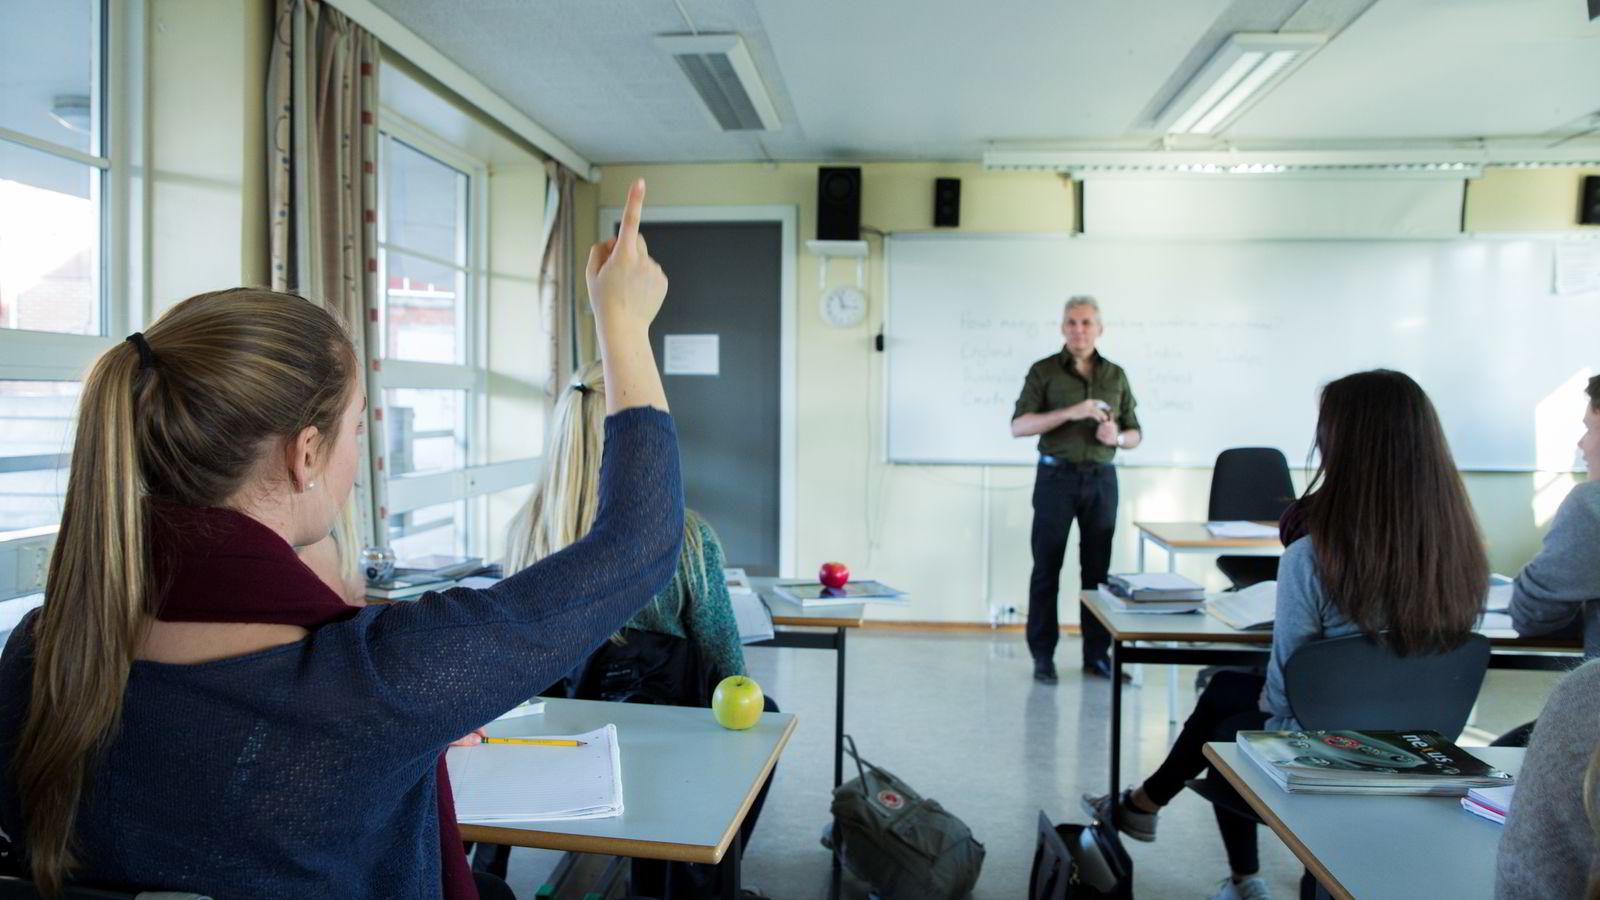 NASJONALE PRØVER. Oslo og Akershus er fylkene som presterer best, viser resultatene av de nasjonale prøvene som ble utført i oktober. Illustrasjonsbilde. Foto: Foto: Berit Roald /